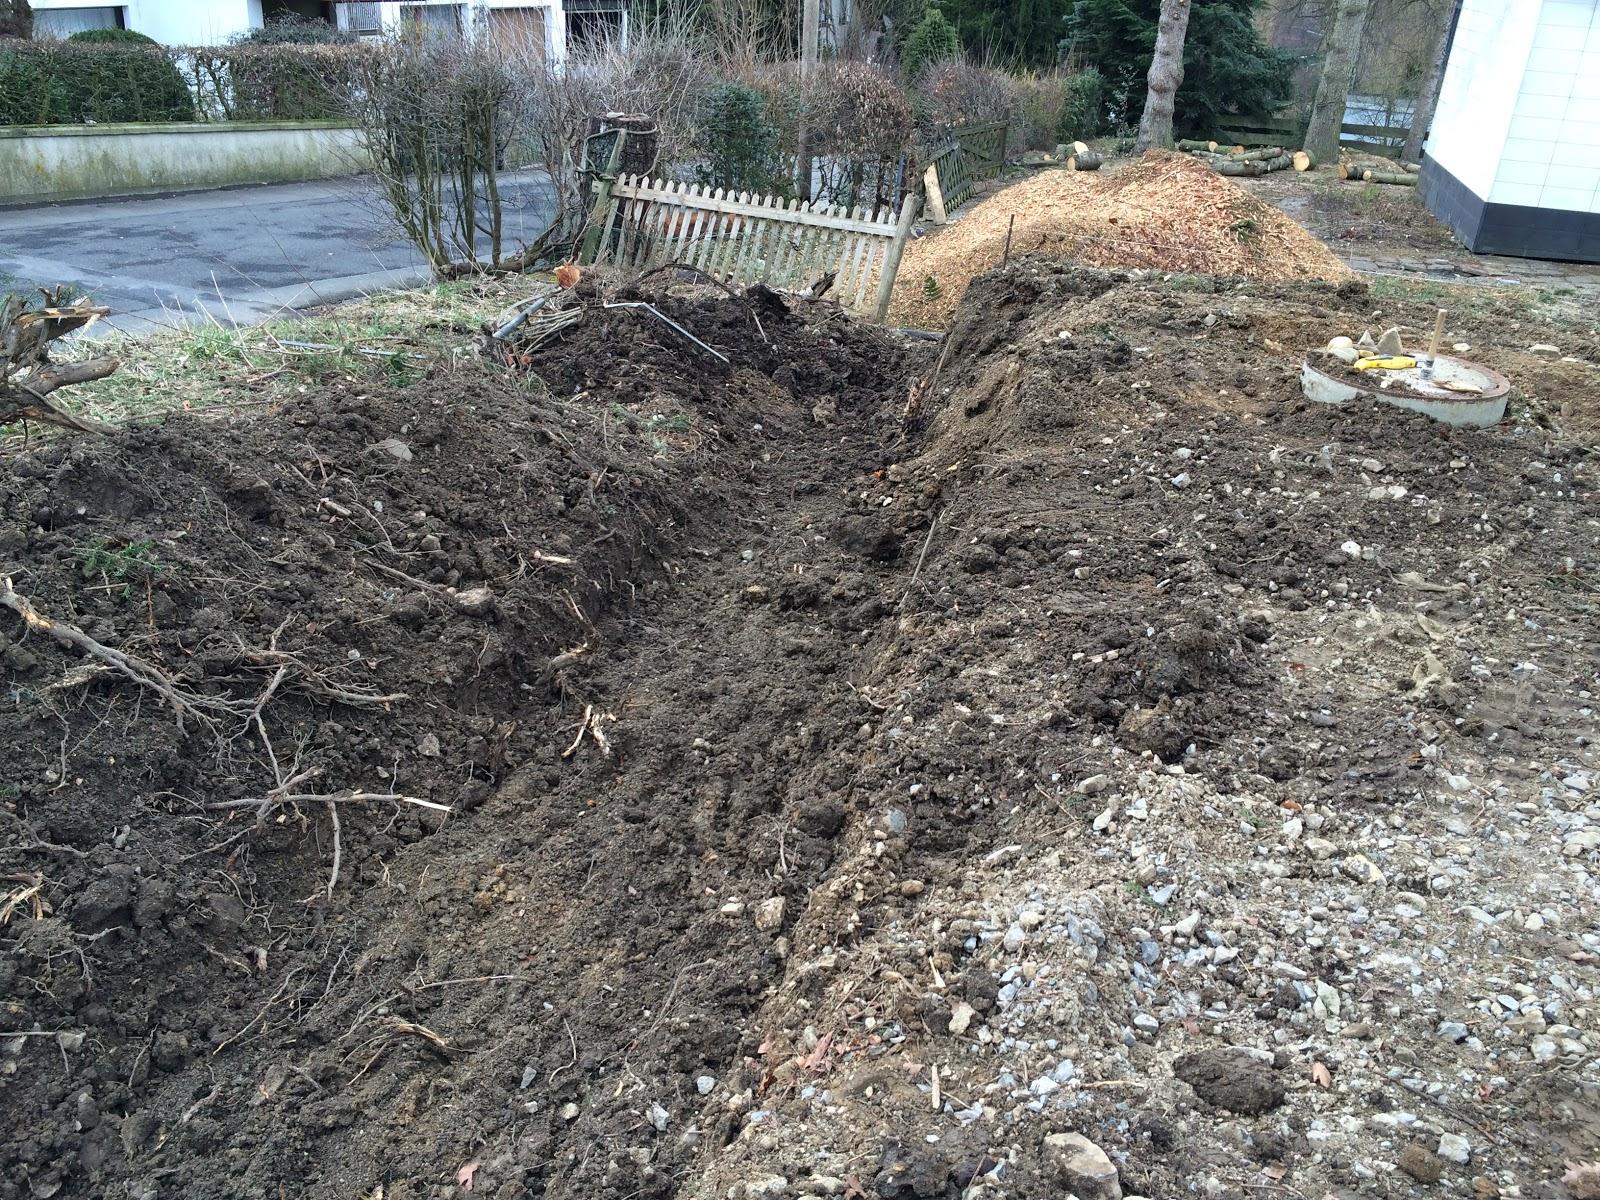 Der Bagger Hat Die Wurzeln Entfernt Und Den Graben Für Die Stützmauer  Vorbereitet